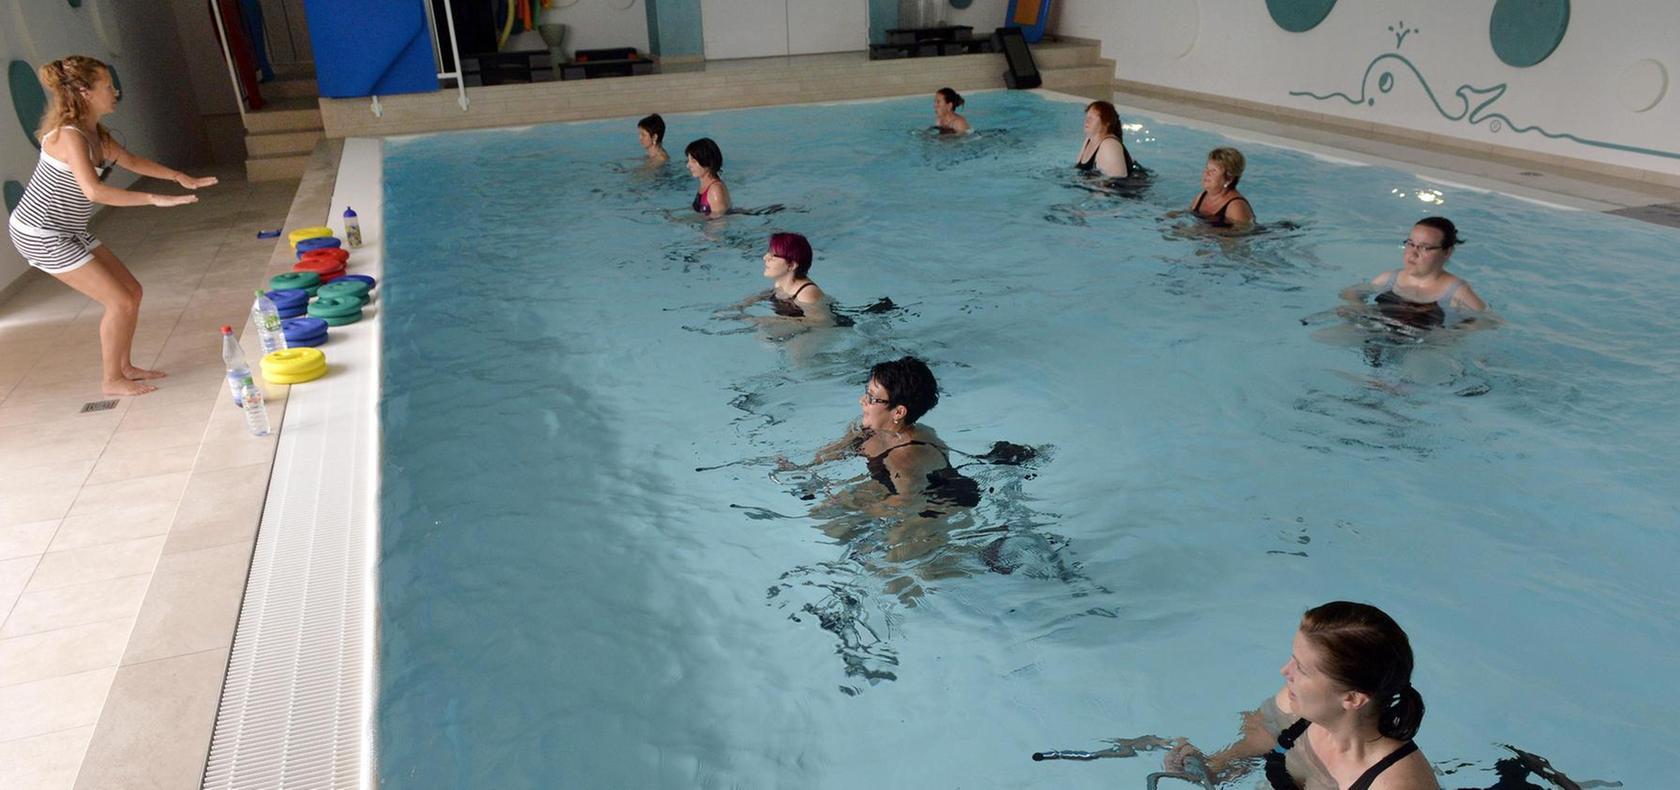 Strampeln im Wasser: Beim Aquacycling in Erlangen werden nicht nur die Beine trainiert, sondern auch Übungen für die Arme und den Rücken gemacht. Die Trainerin gibt den Takt vor.